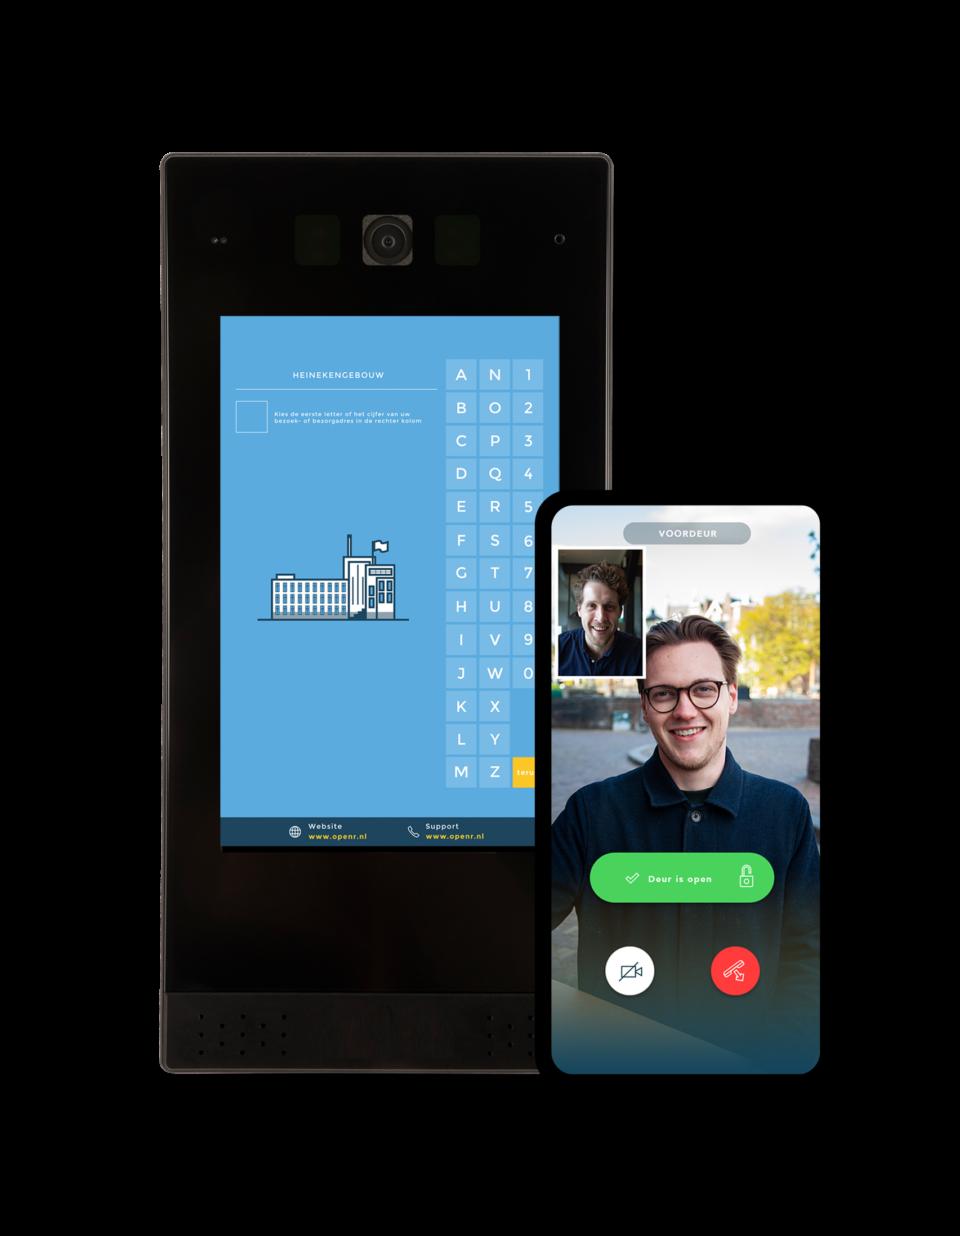 Draadloze Intercom Openr & Openr App Met Video Functie